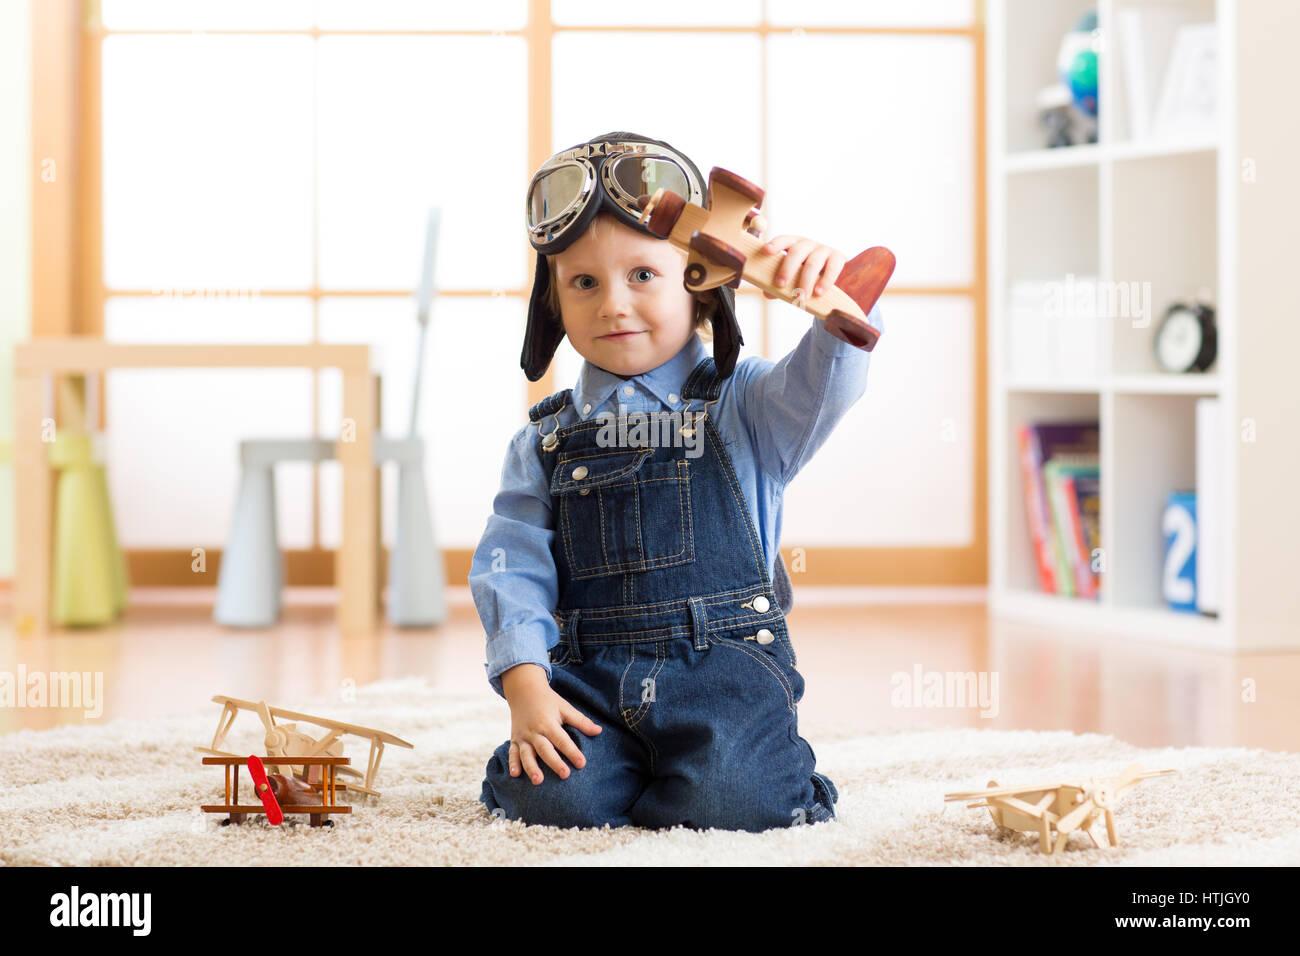 Niño fingiendo ser aviador. Kid jugando con aviones de juguete en casa Foto de stock